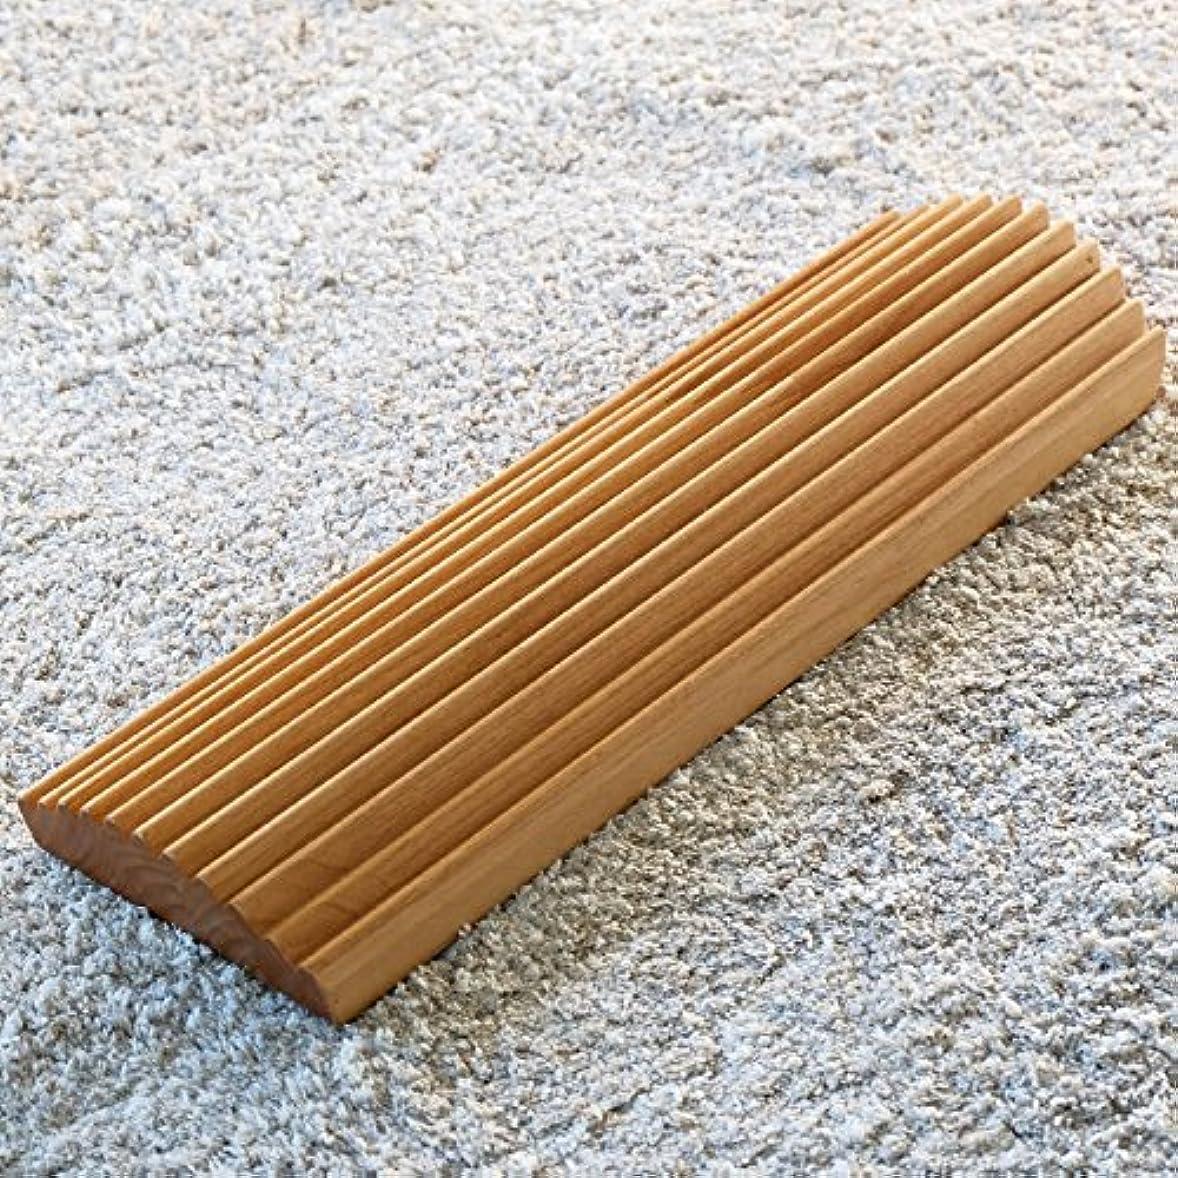 はっきりしないセッションオークランドISSEIKI 足踏み アルダー材 幅40cm FIT ASIFUMI 40 (NA) フットケア 木製 おしゃれ プレゼント 指圧代用 FIT ASIFUMI 40 (AL-NA)